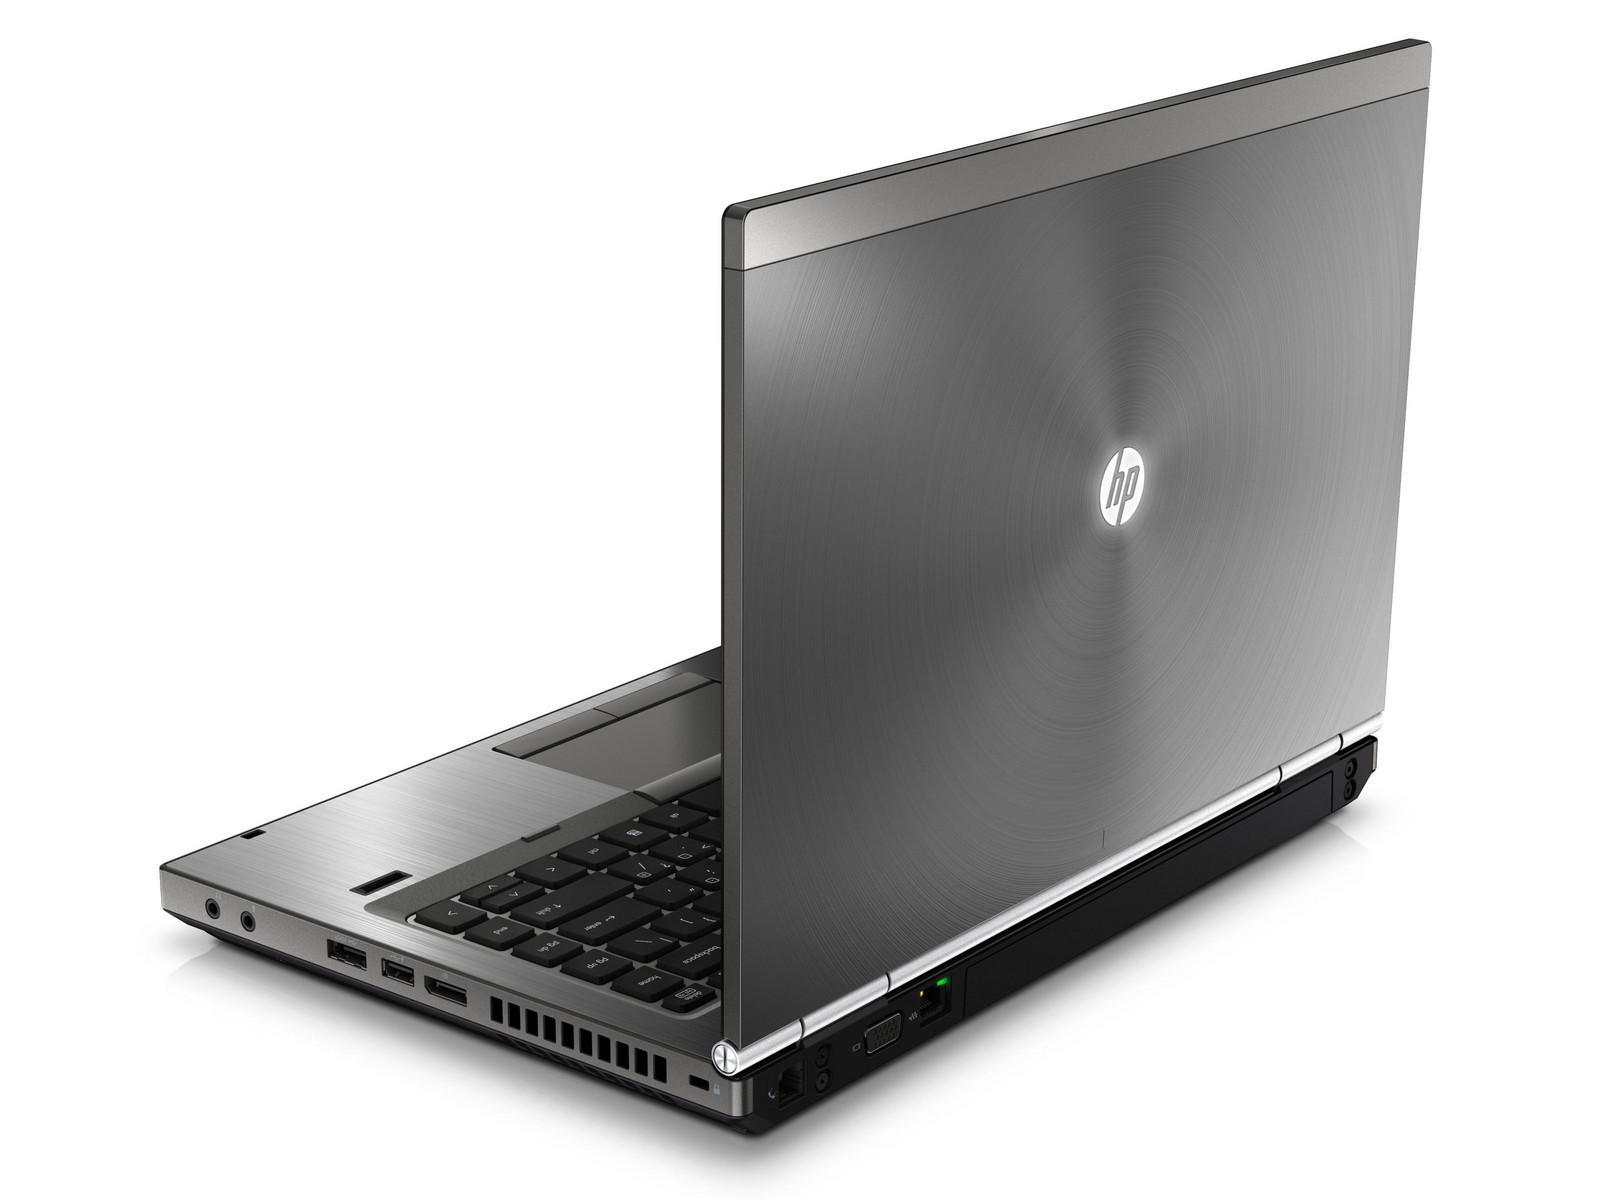 Hình ảnh Laptop HP 8460p Core i5 2320m Ram 4Gb Hdd 250Gb 14 inch - Hàng xách tay